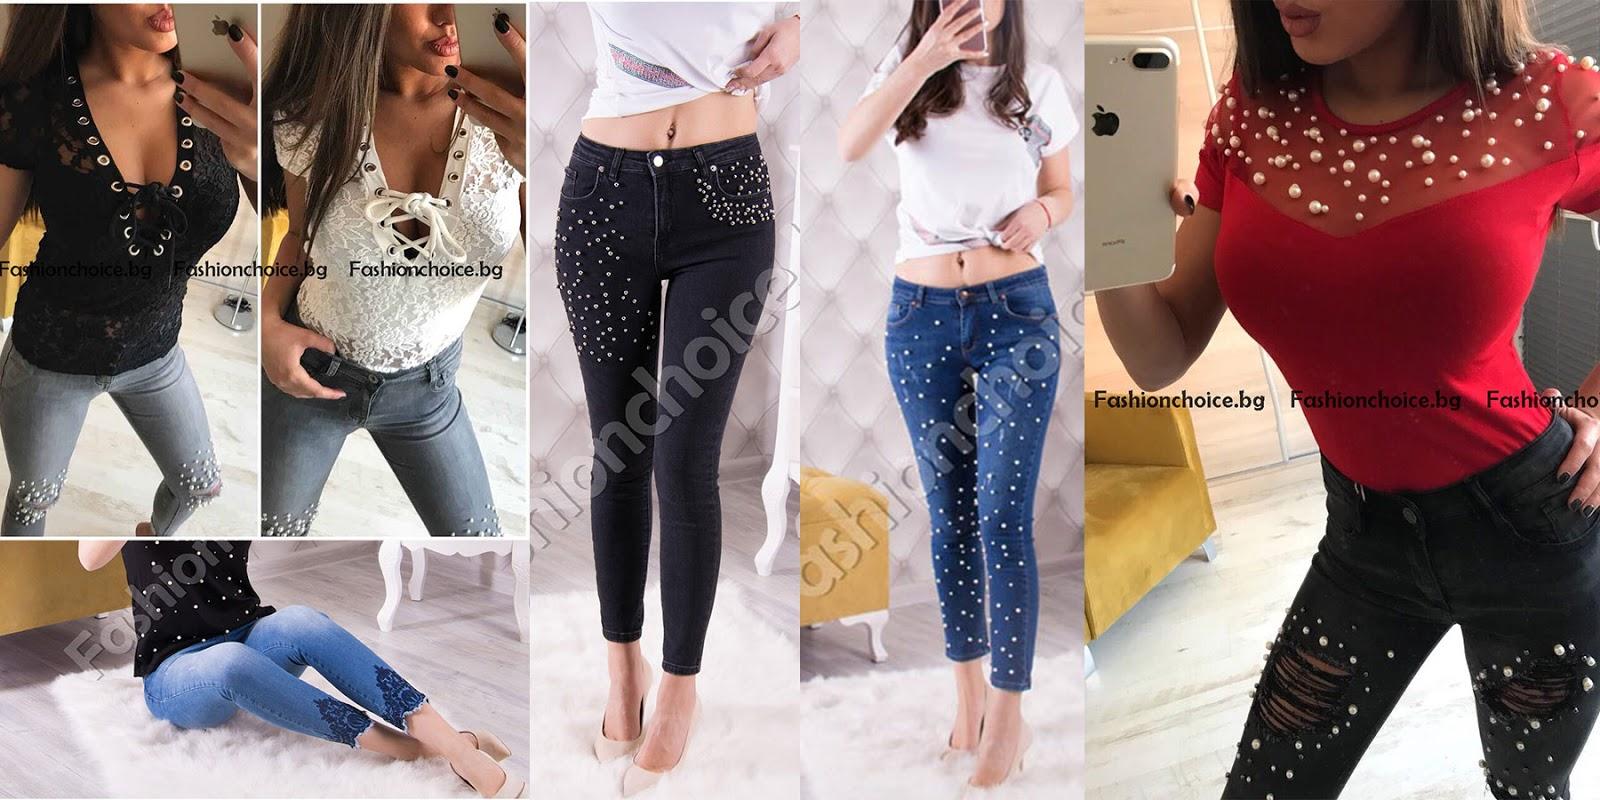 fd8d724e309 В разделите ни за дамска и макси мода в онлайн магазин Фешън чойс можете да  откриете богато разнообразие от рокли, блузи, туники, панталони и жакети в  ...